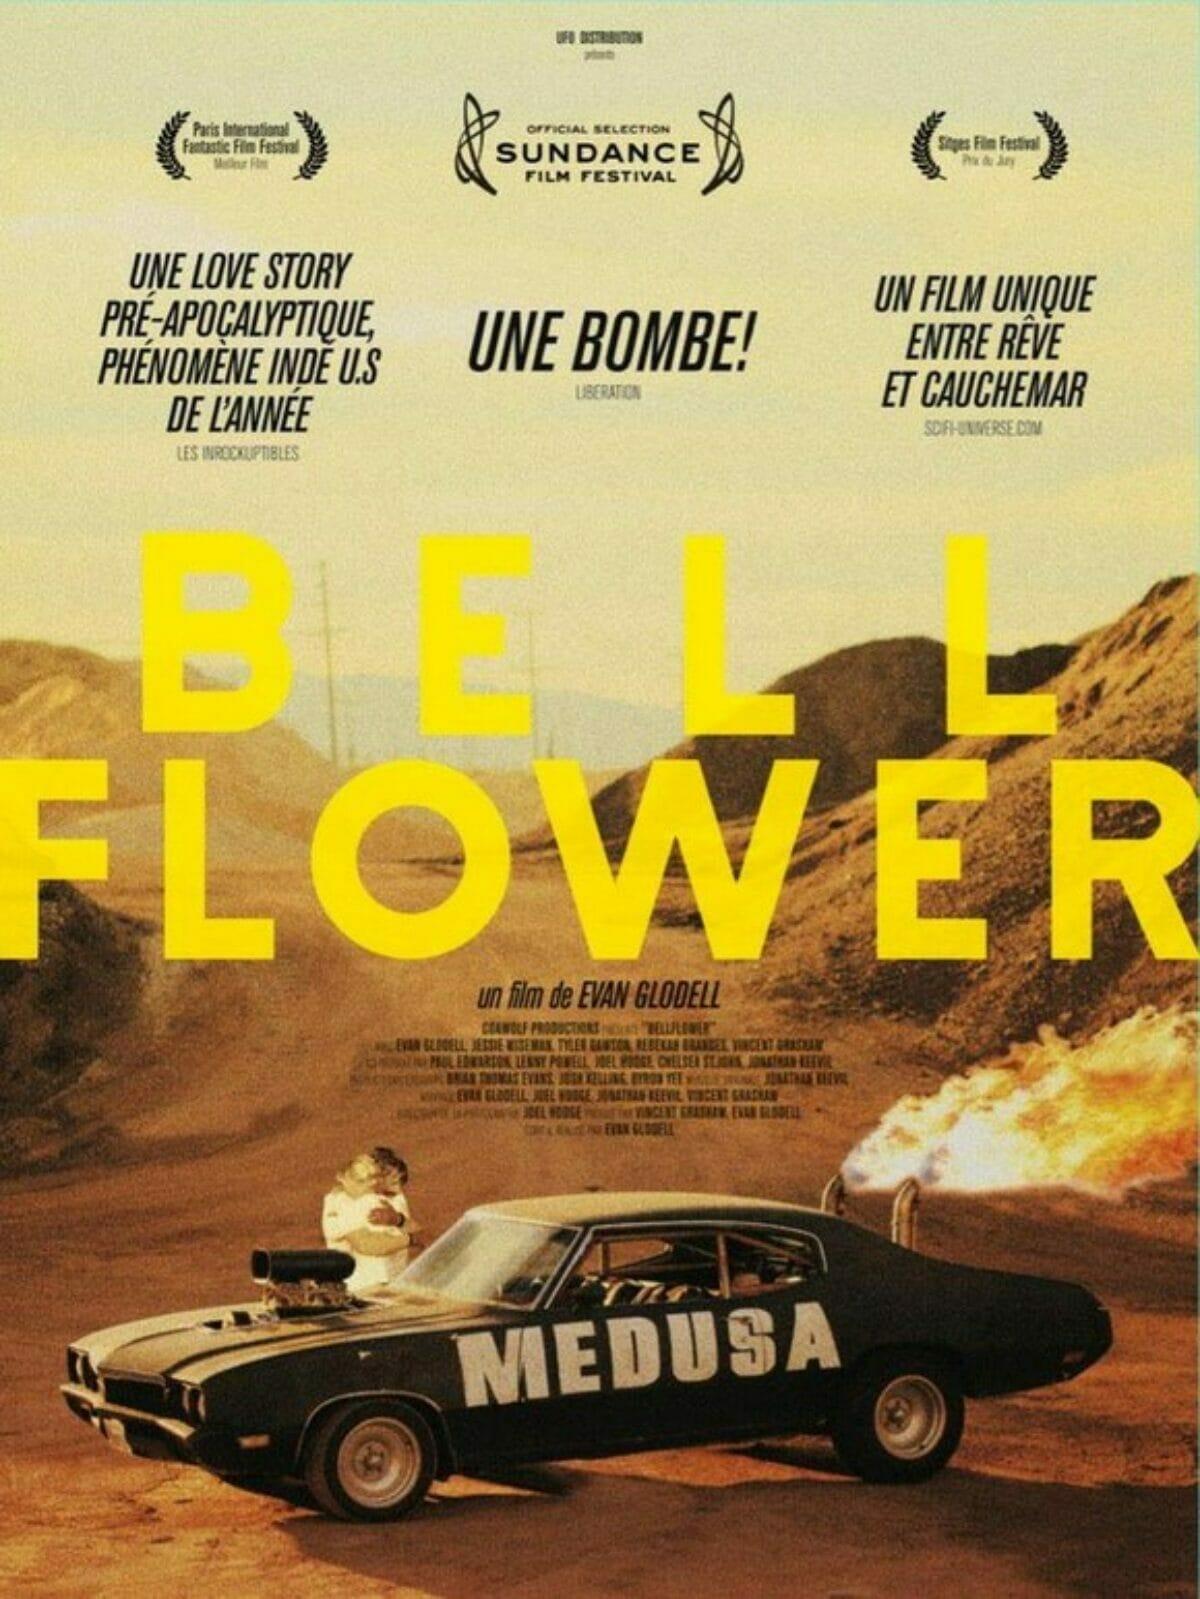 bellflower-affiche-france